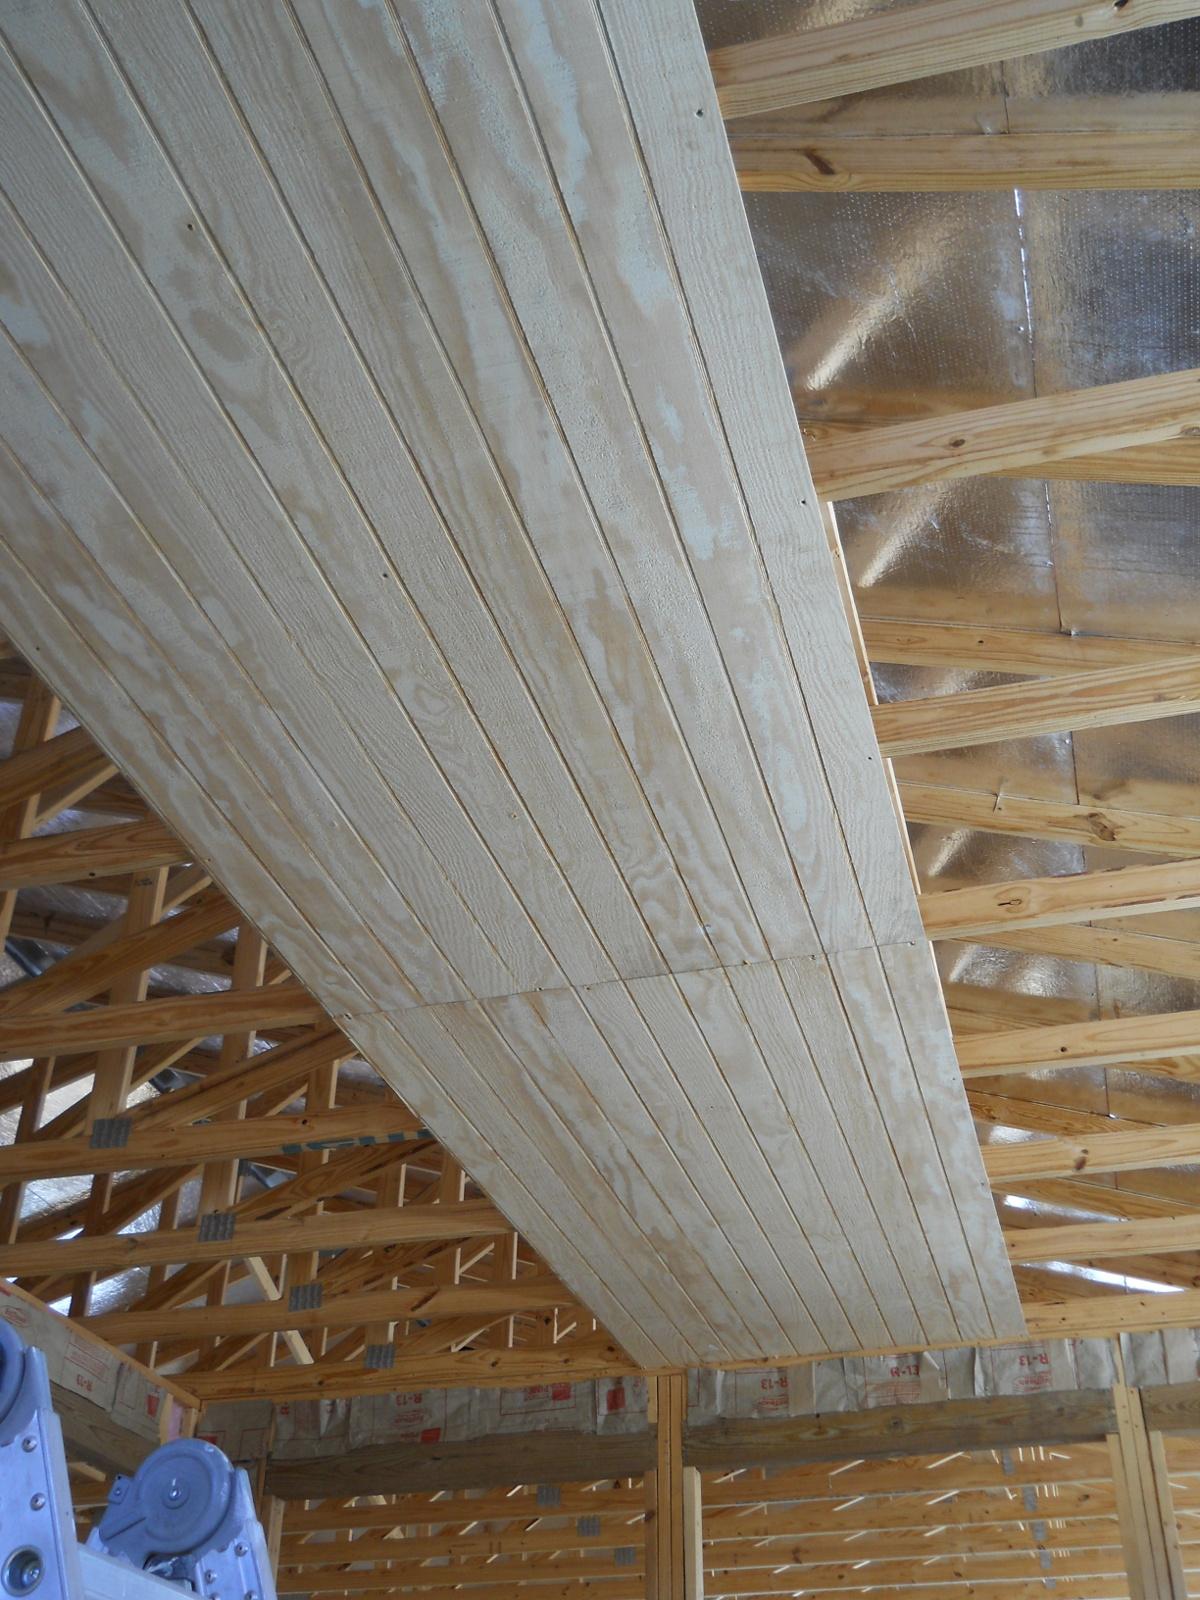 T1 11 Interior Ceiling